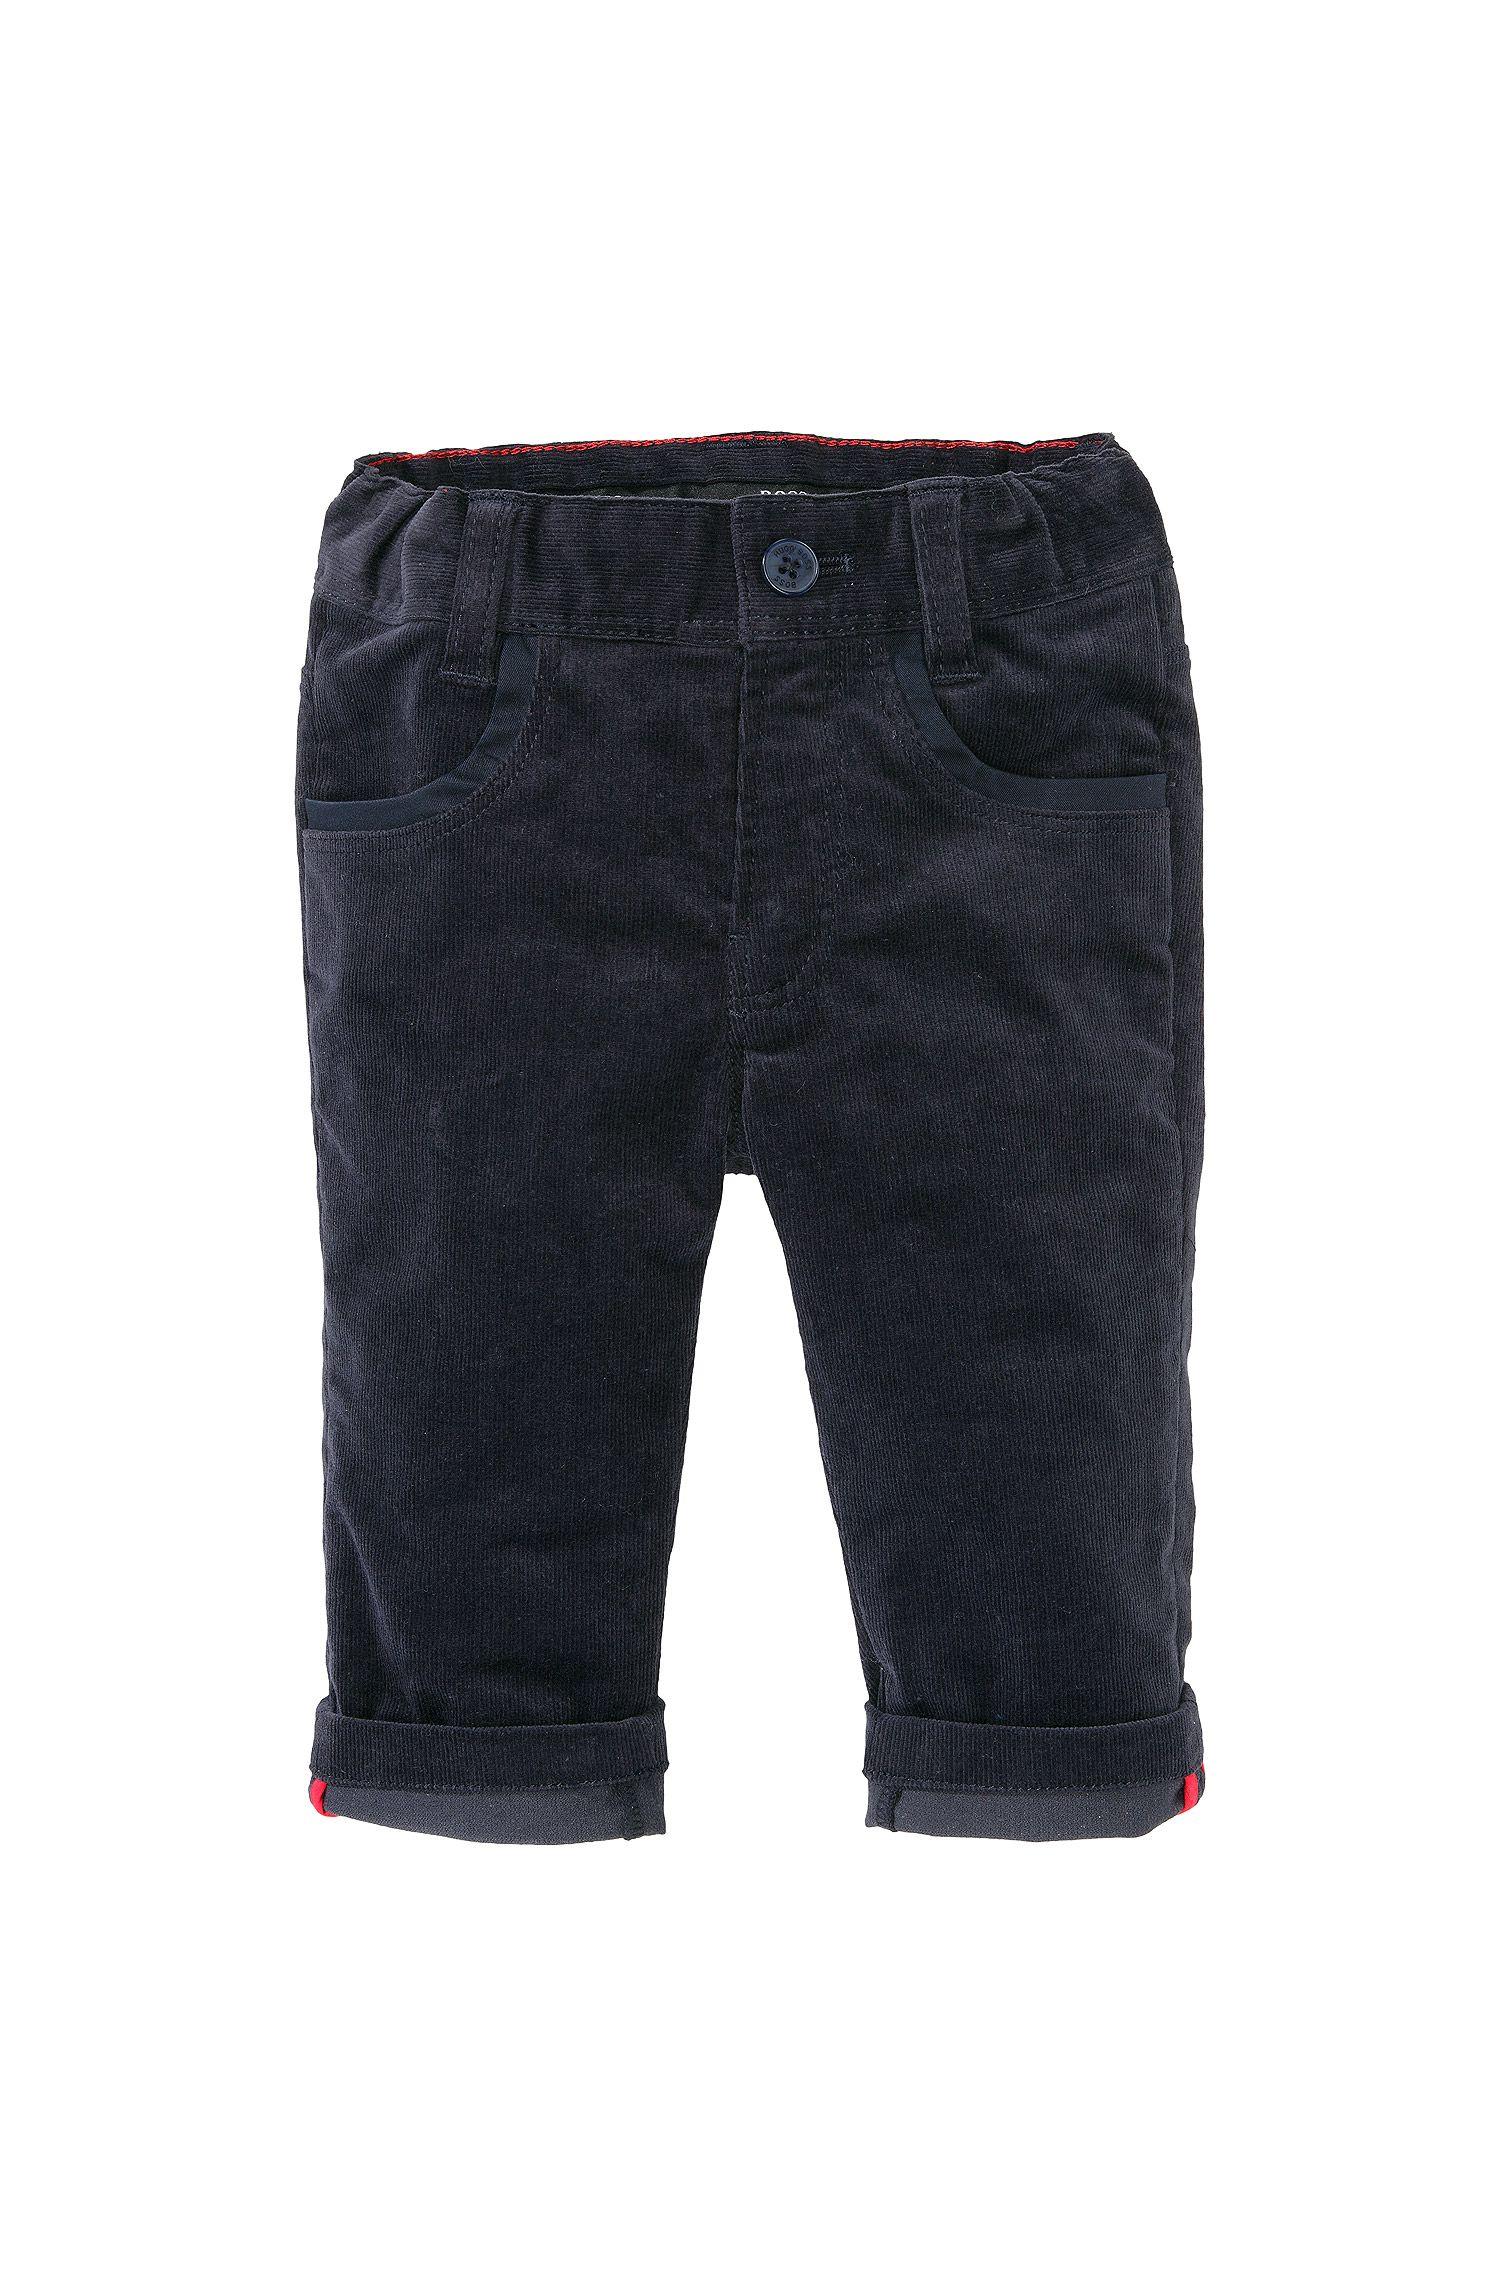 Pantalon en velours côtelé pour enfants «J04163» en coton mélangé